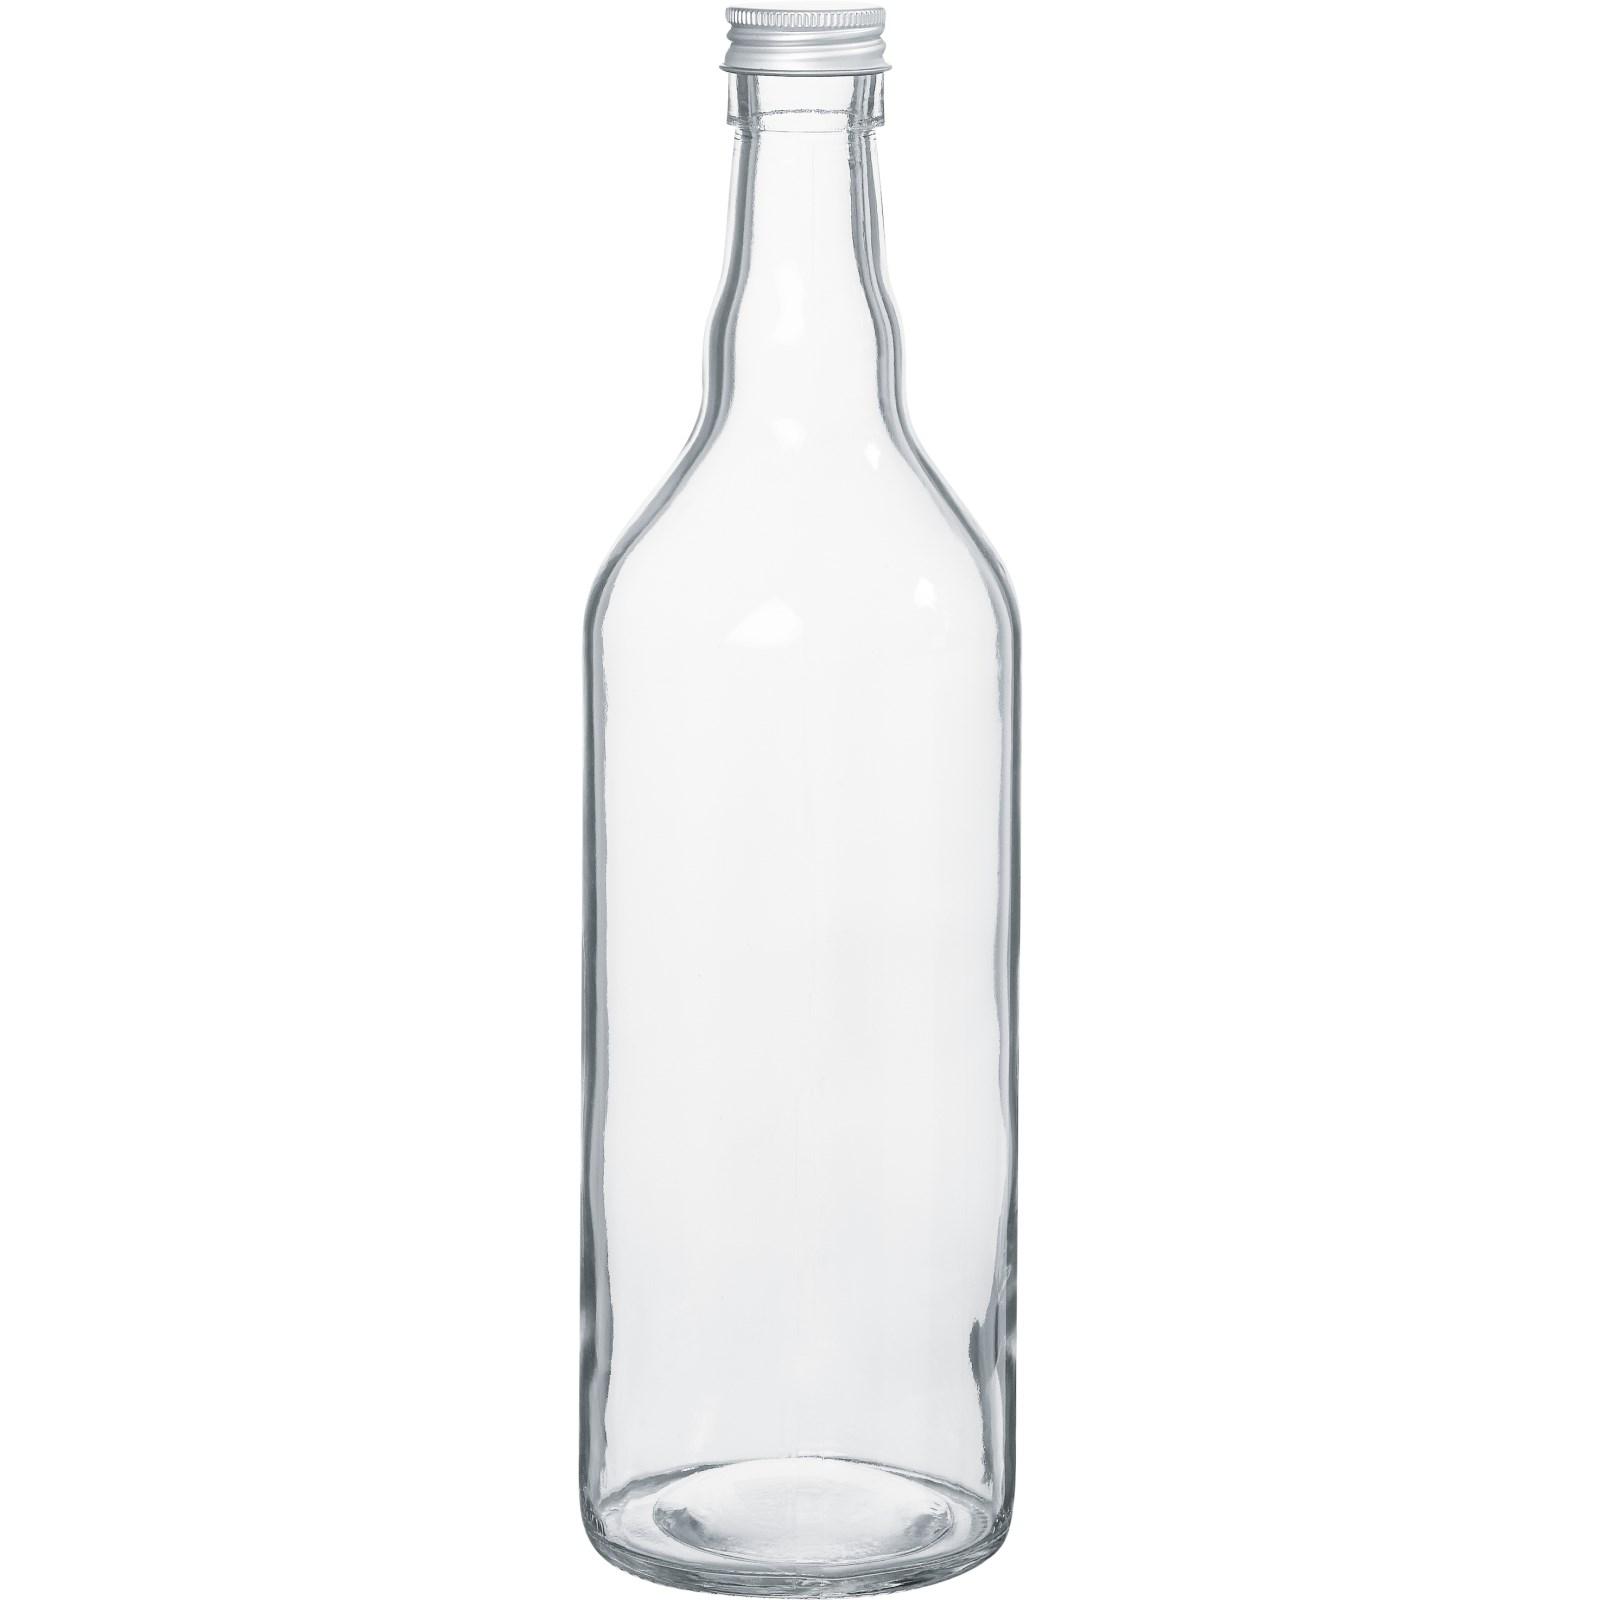 Glasflasche Mit Deckel 1 L Einmachen Landi